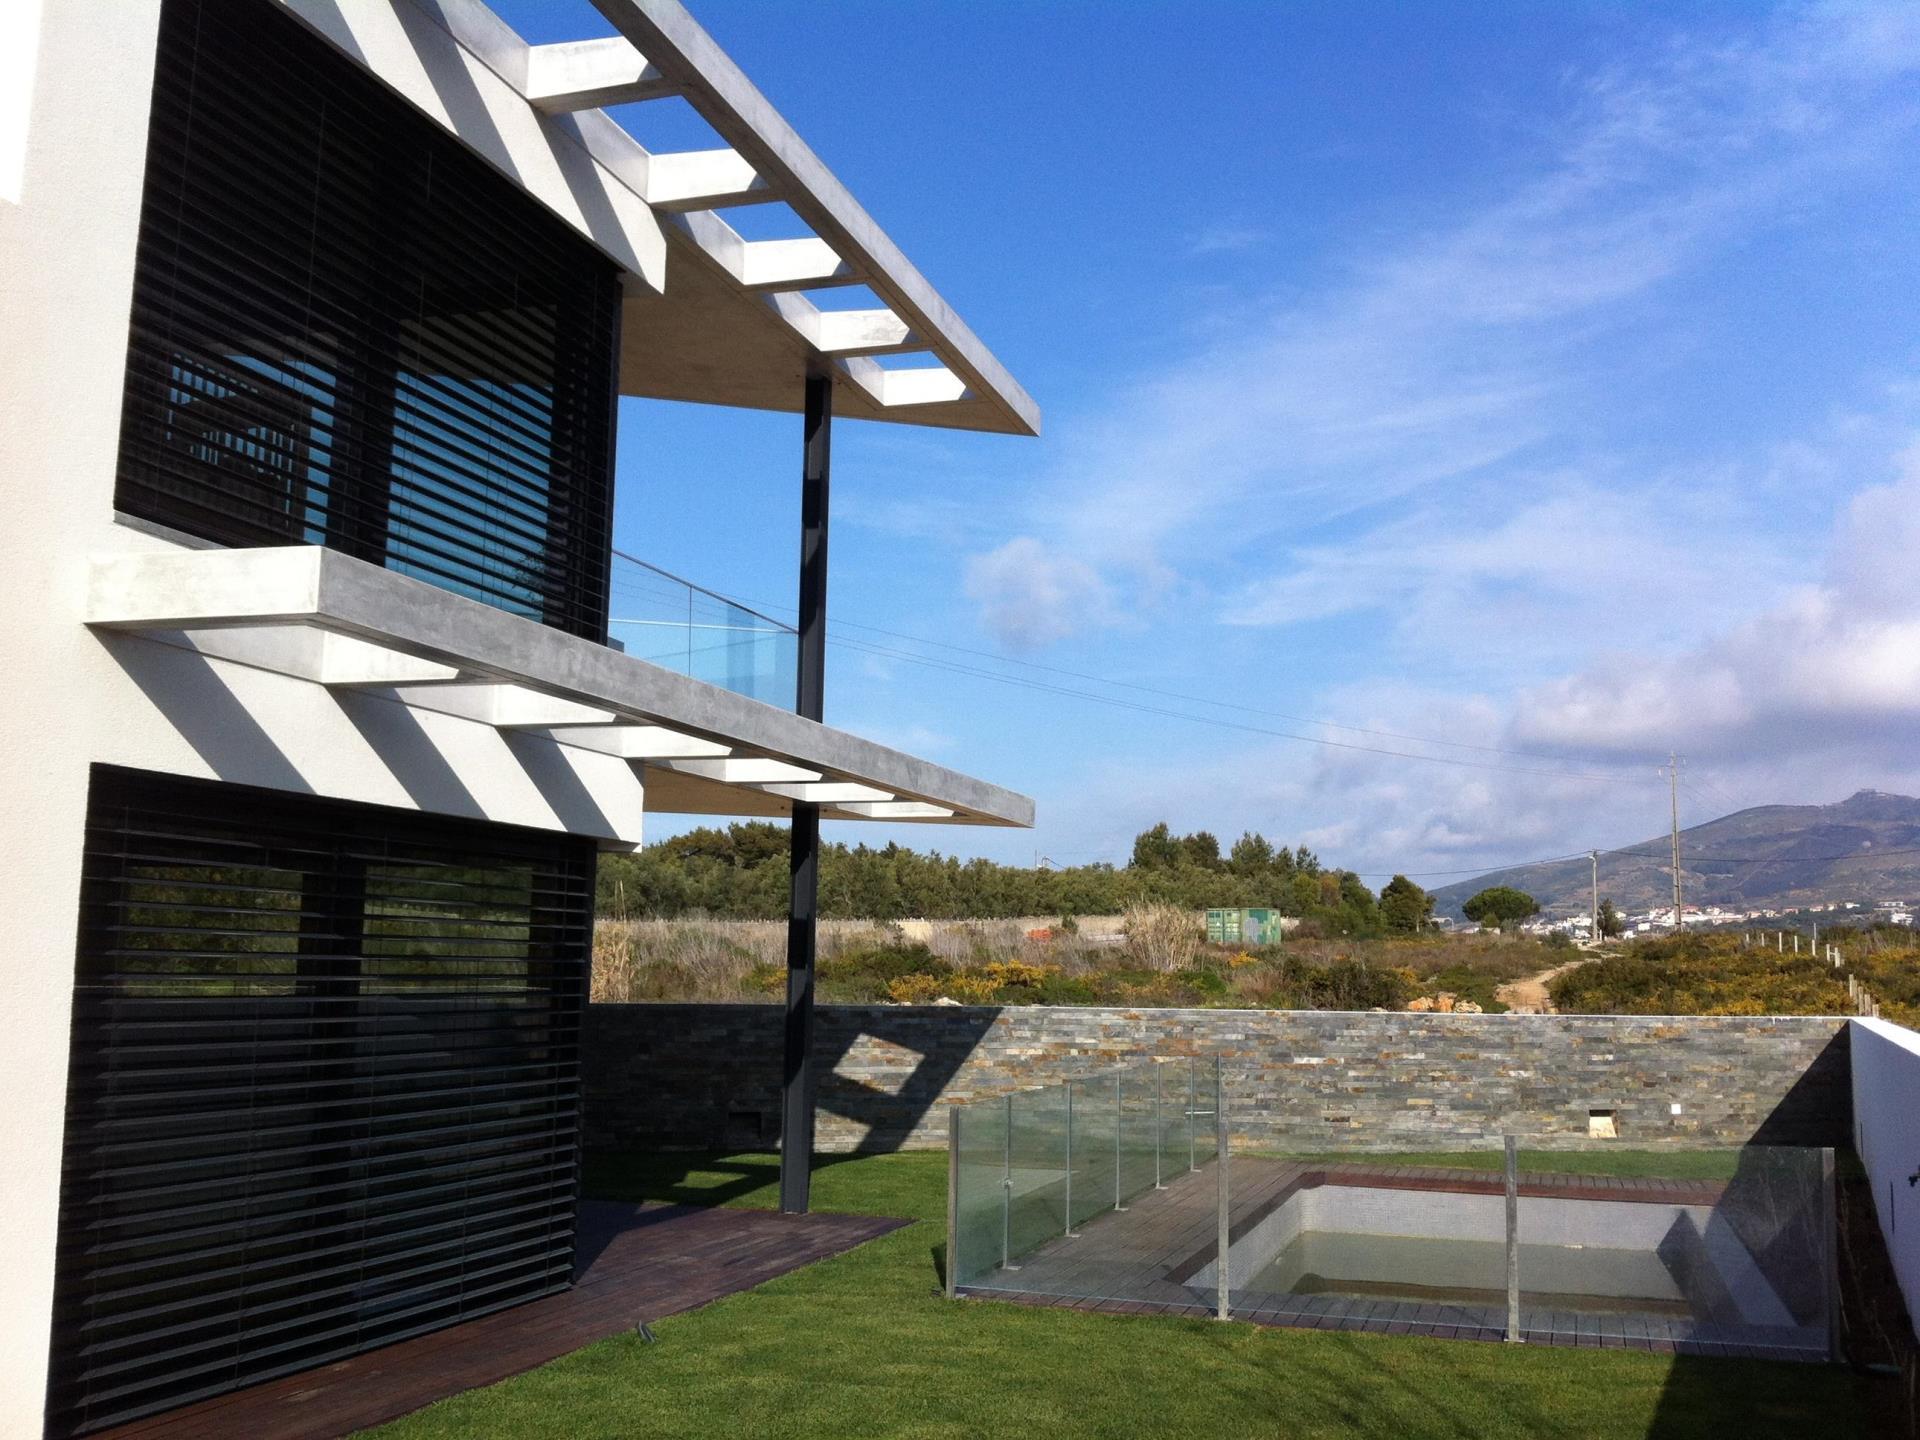 단독 가정 주택 용 매매 에 Terraced house, 4 bedrooms, for Sale Murches, Cascais, 리스보아 포르투갈